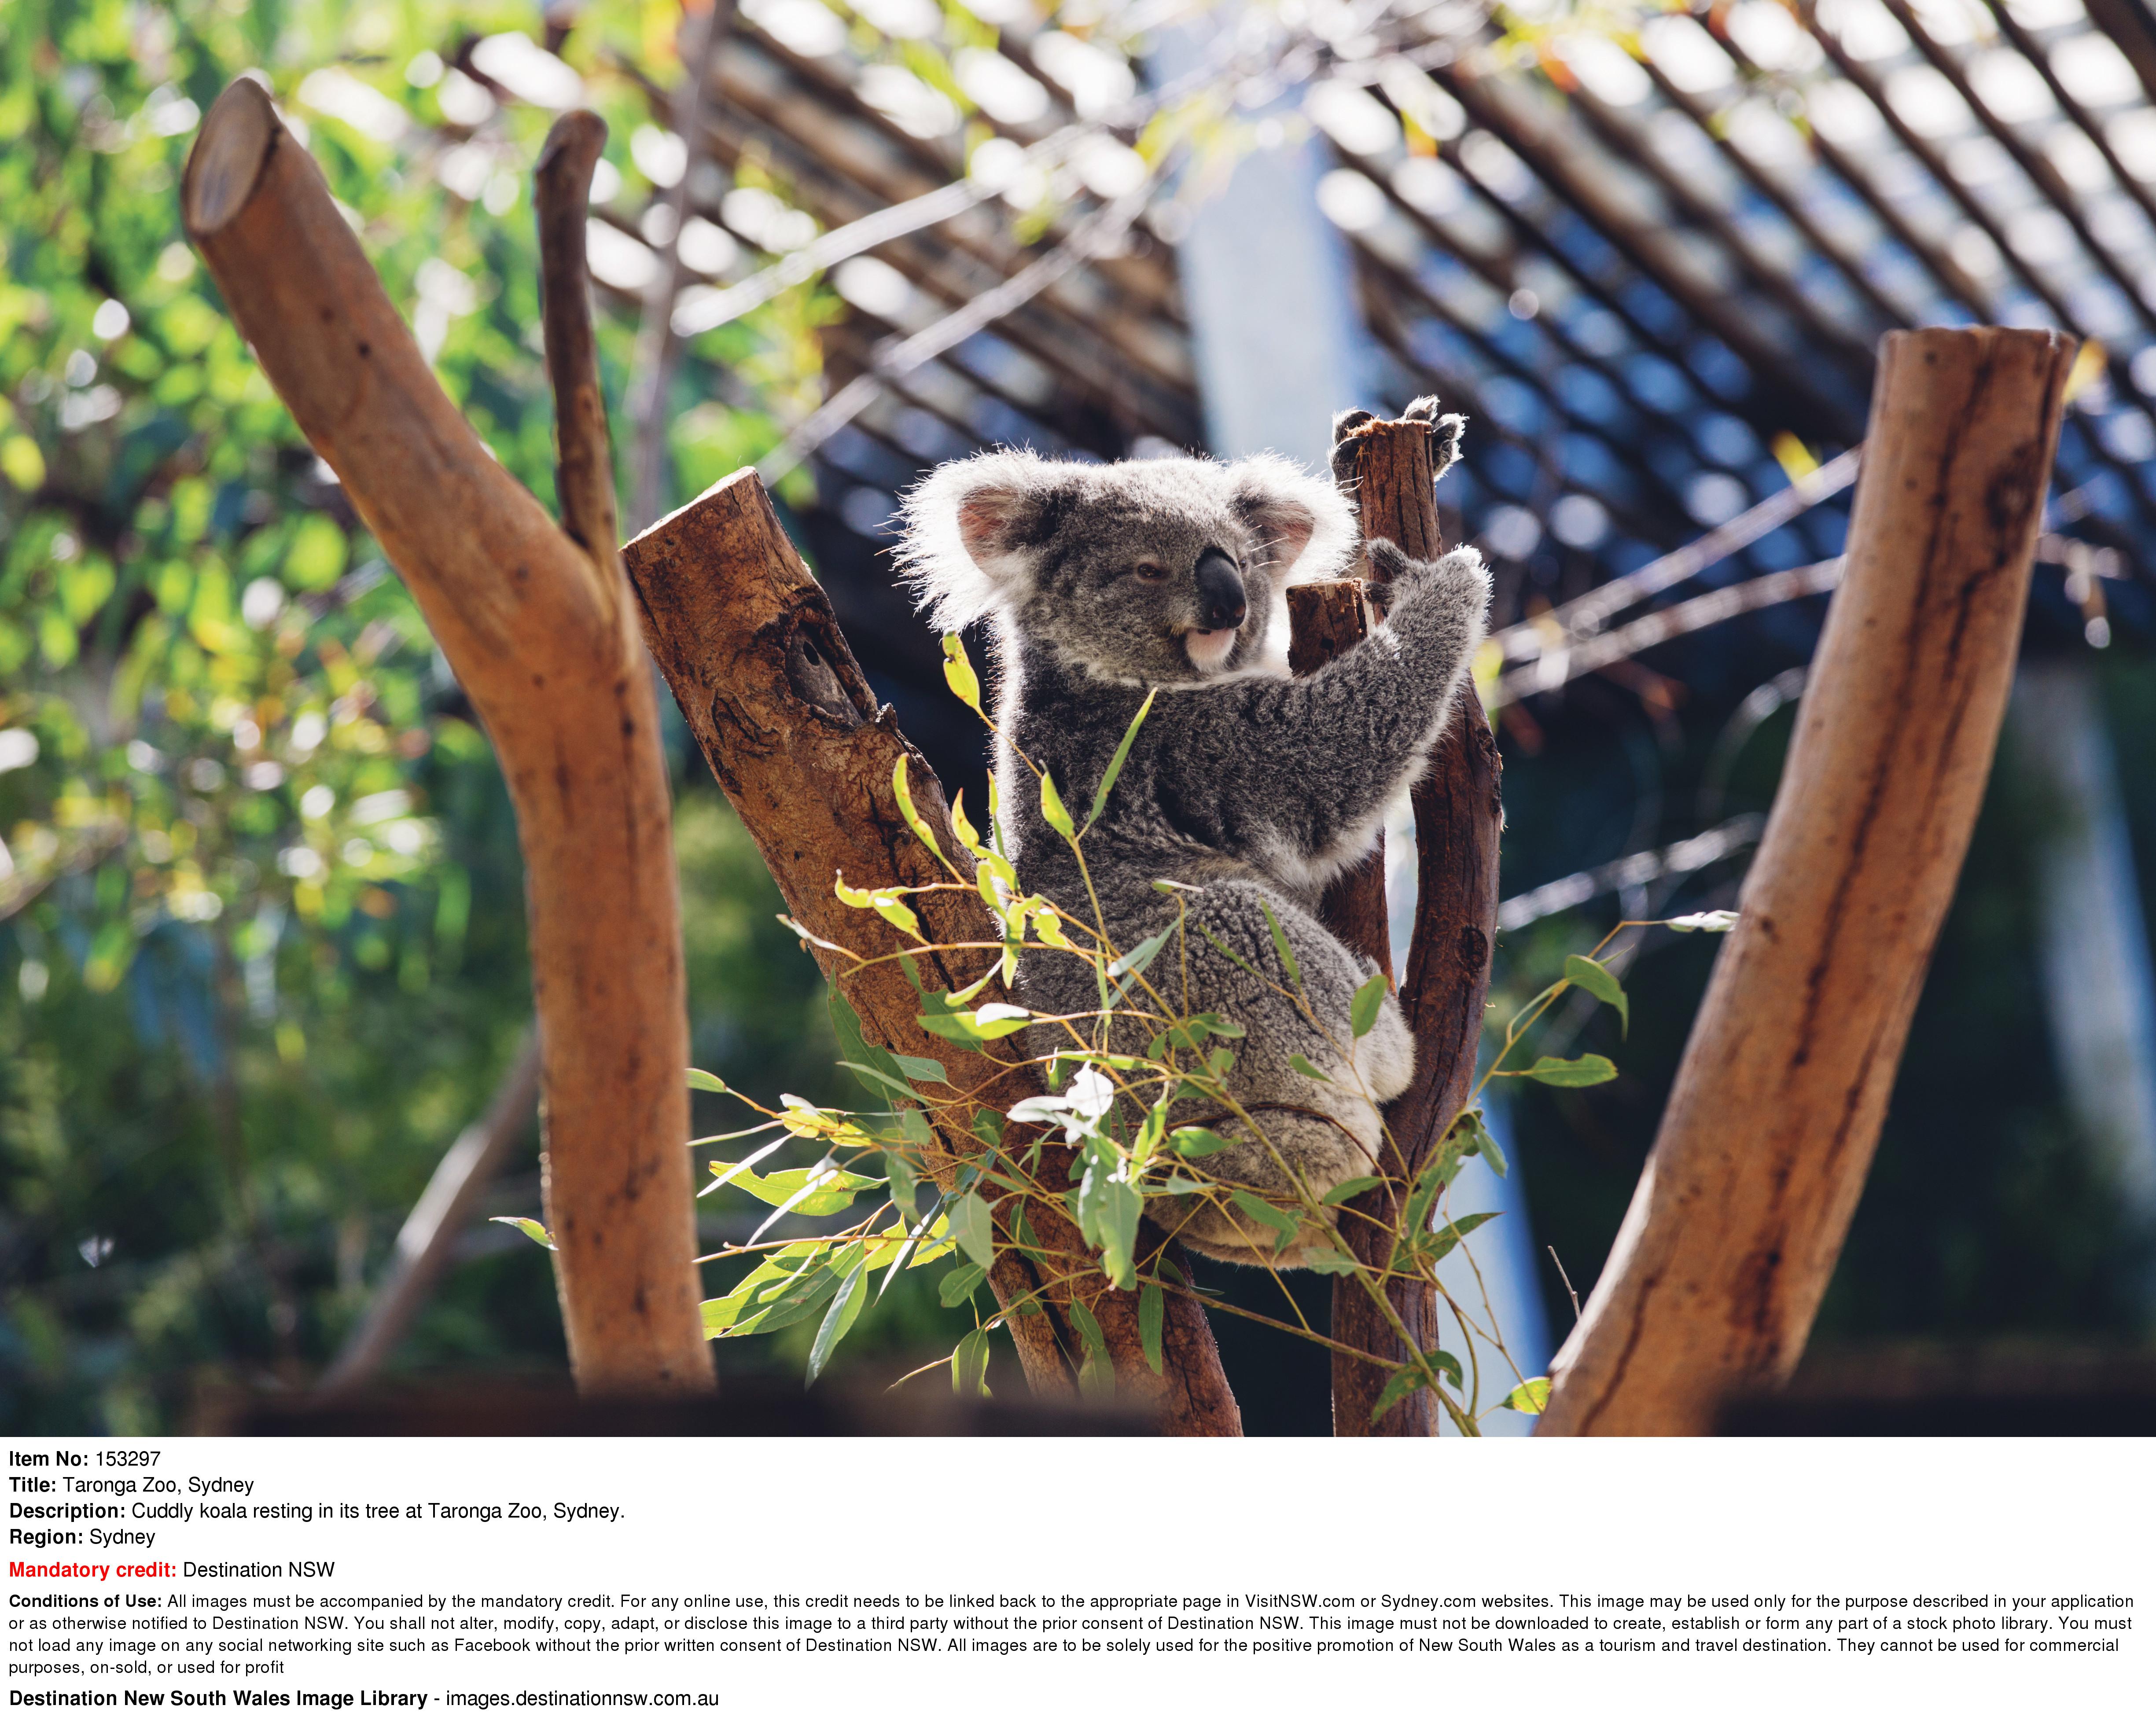 【SYDNEY TARONGA ZOO】擁有約4000隻來自澳洲和世界各地的動物園 | 國泰航空悉尼自由行套票4-31天